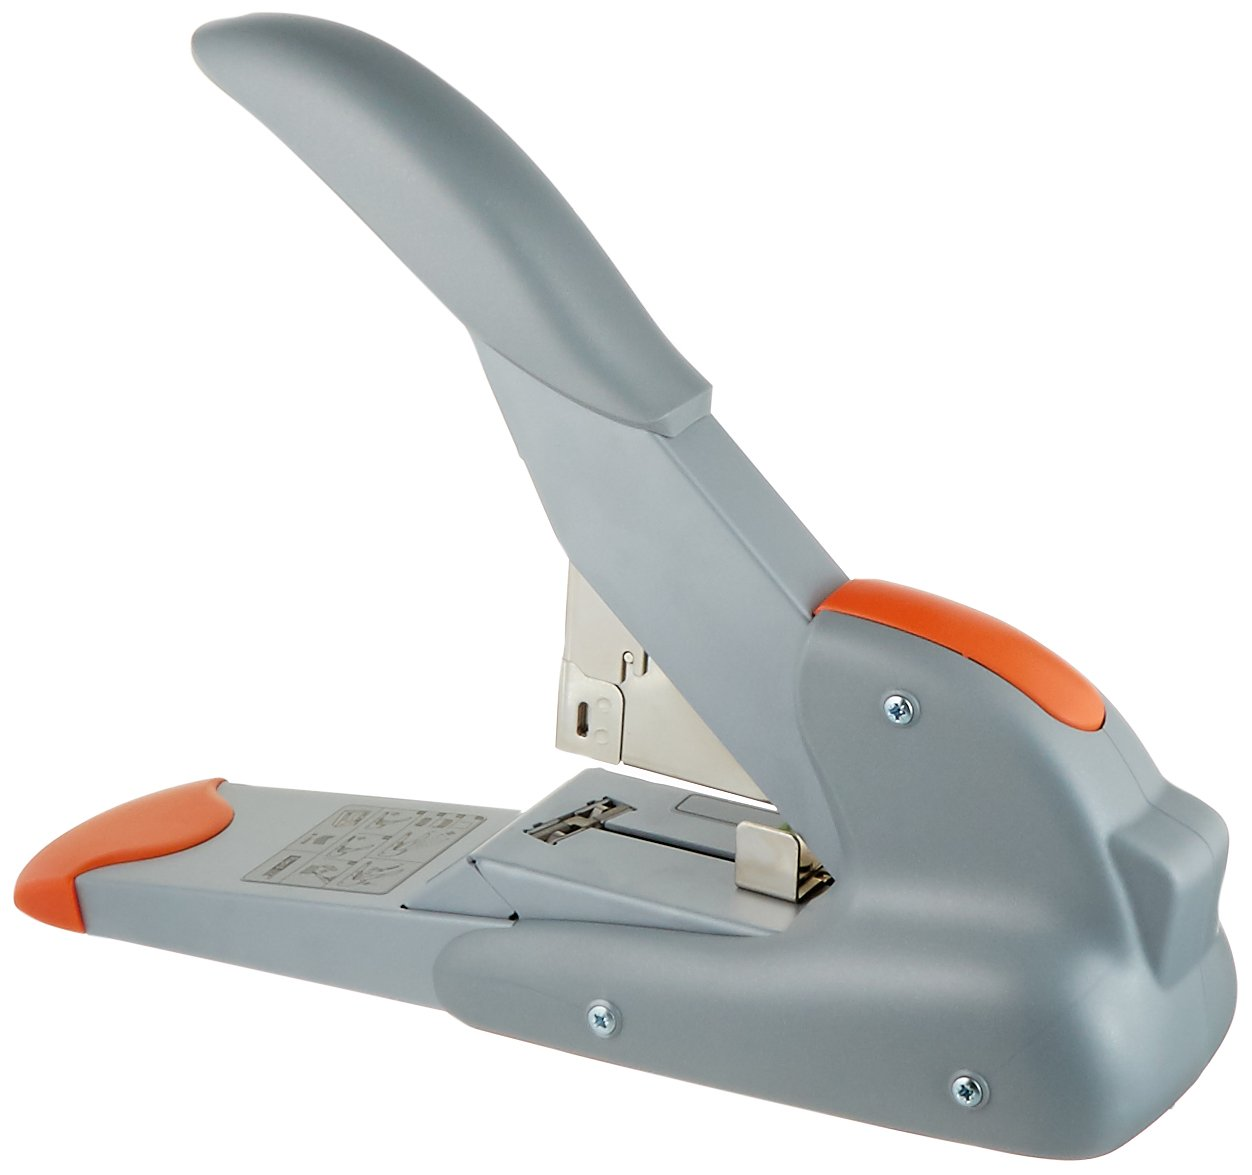 Rapid DUAX Heavy Duty Stapler by Xyron